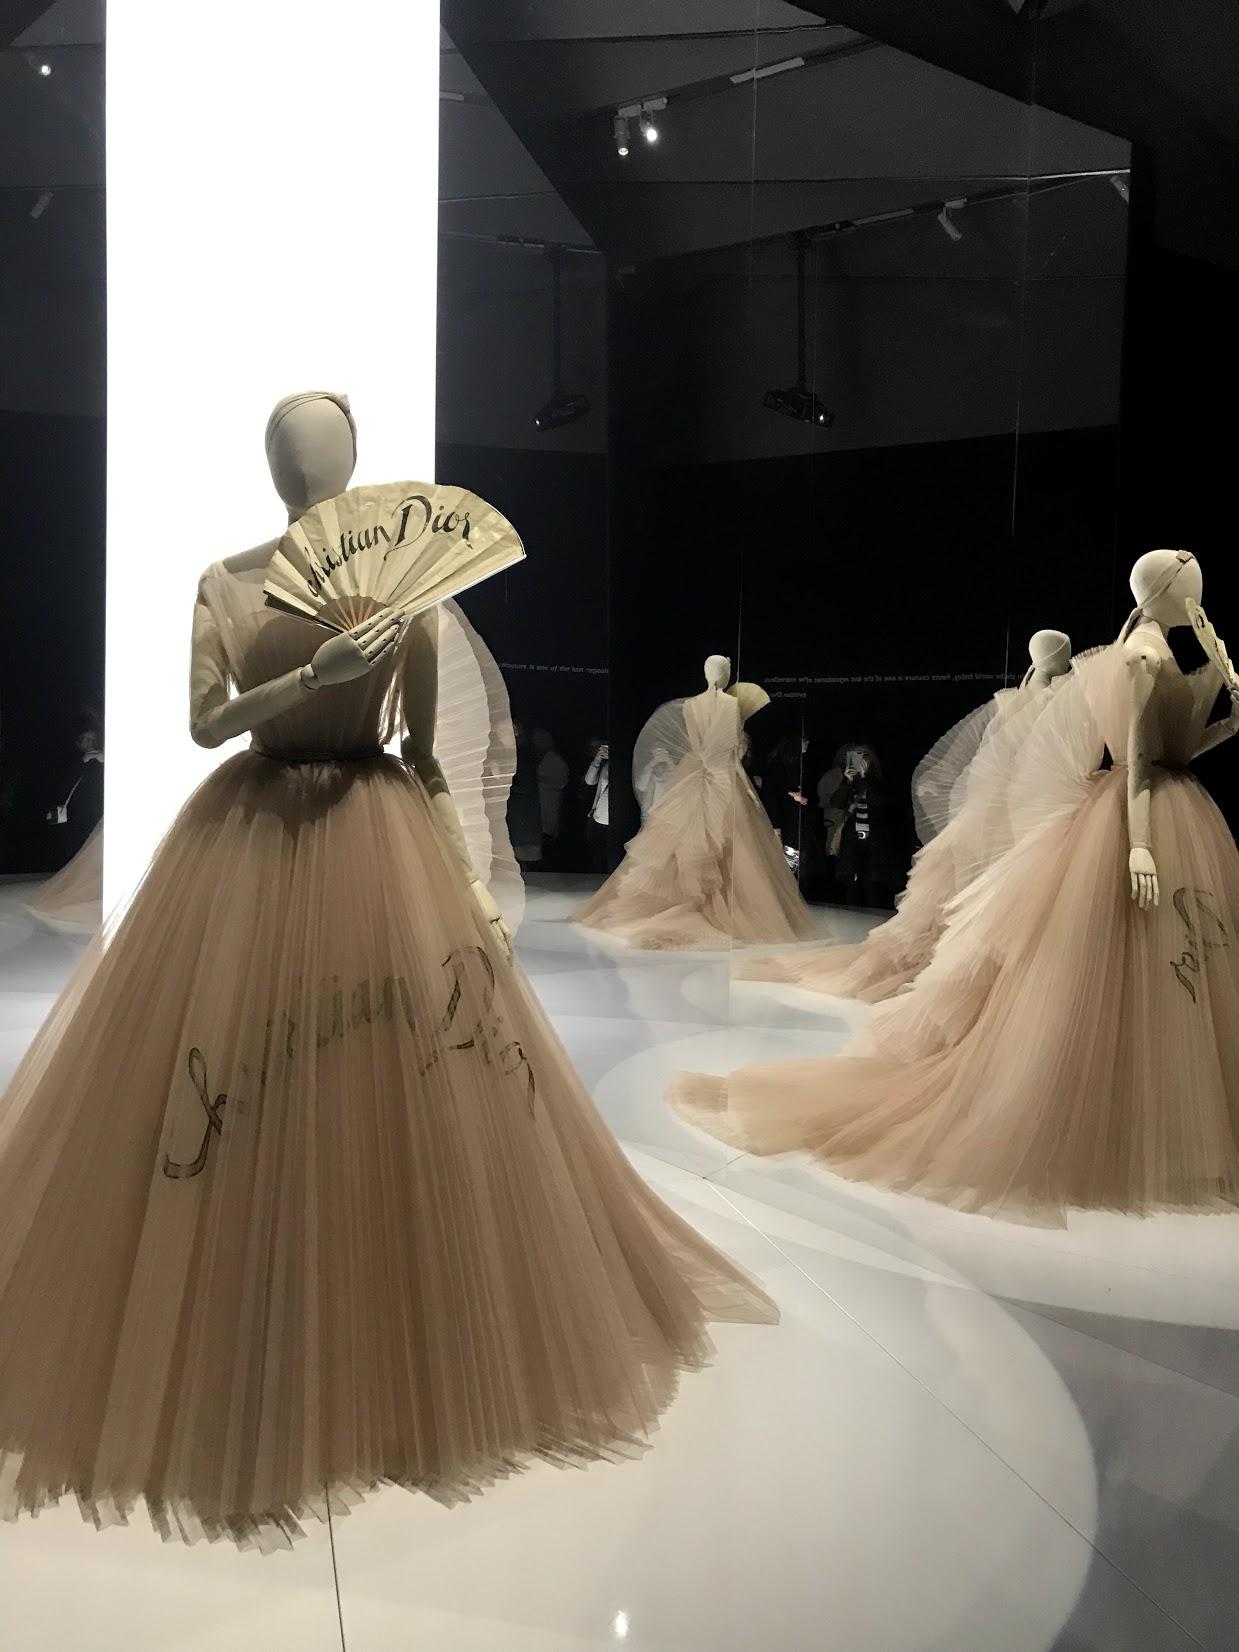 The Dior Exhibit at The Victoria & Albert Museum